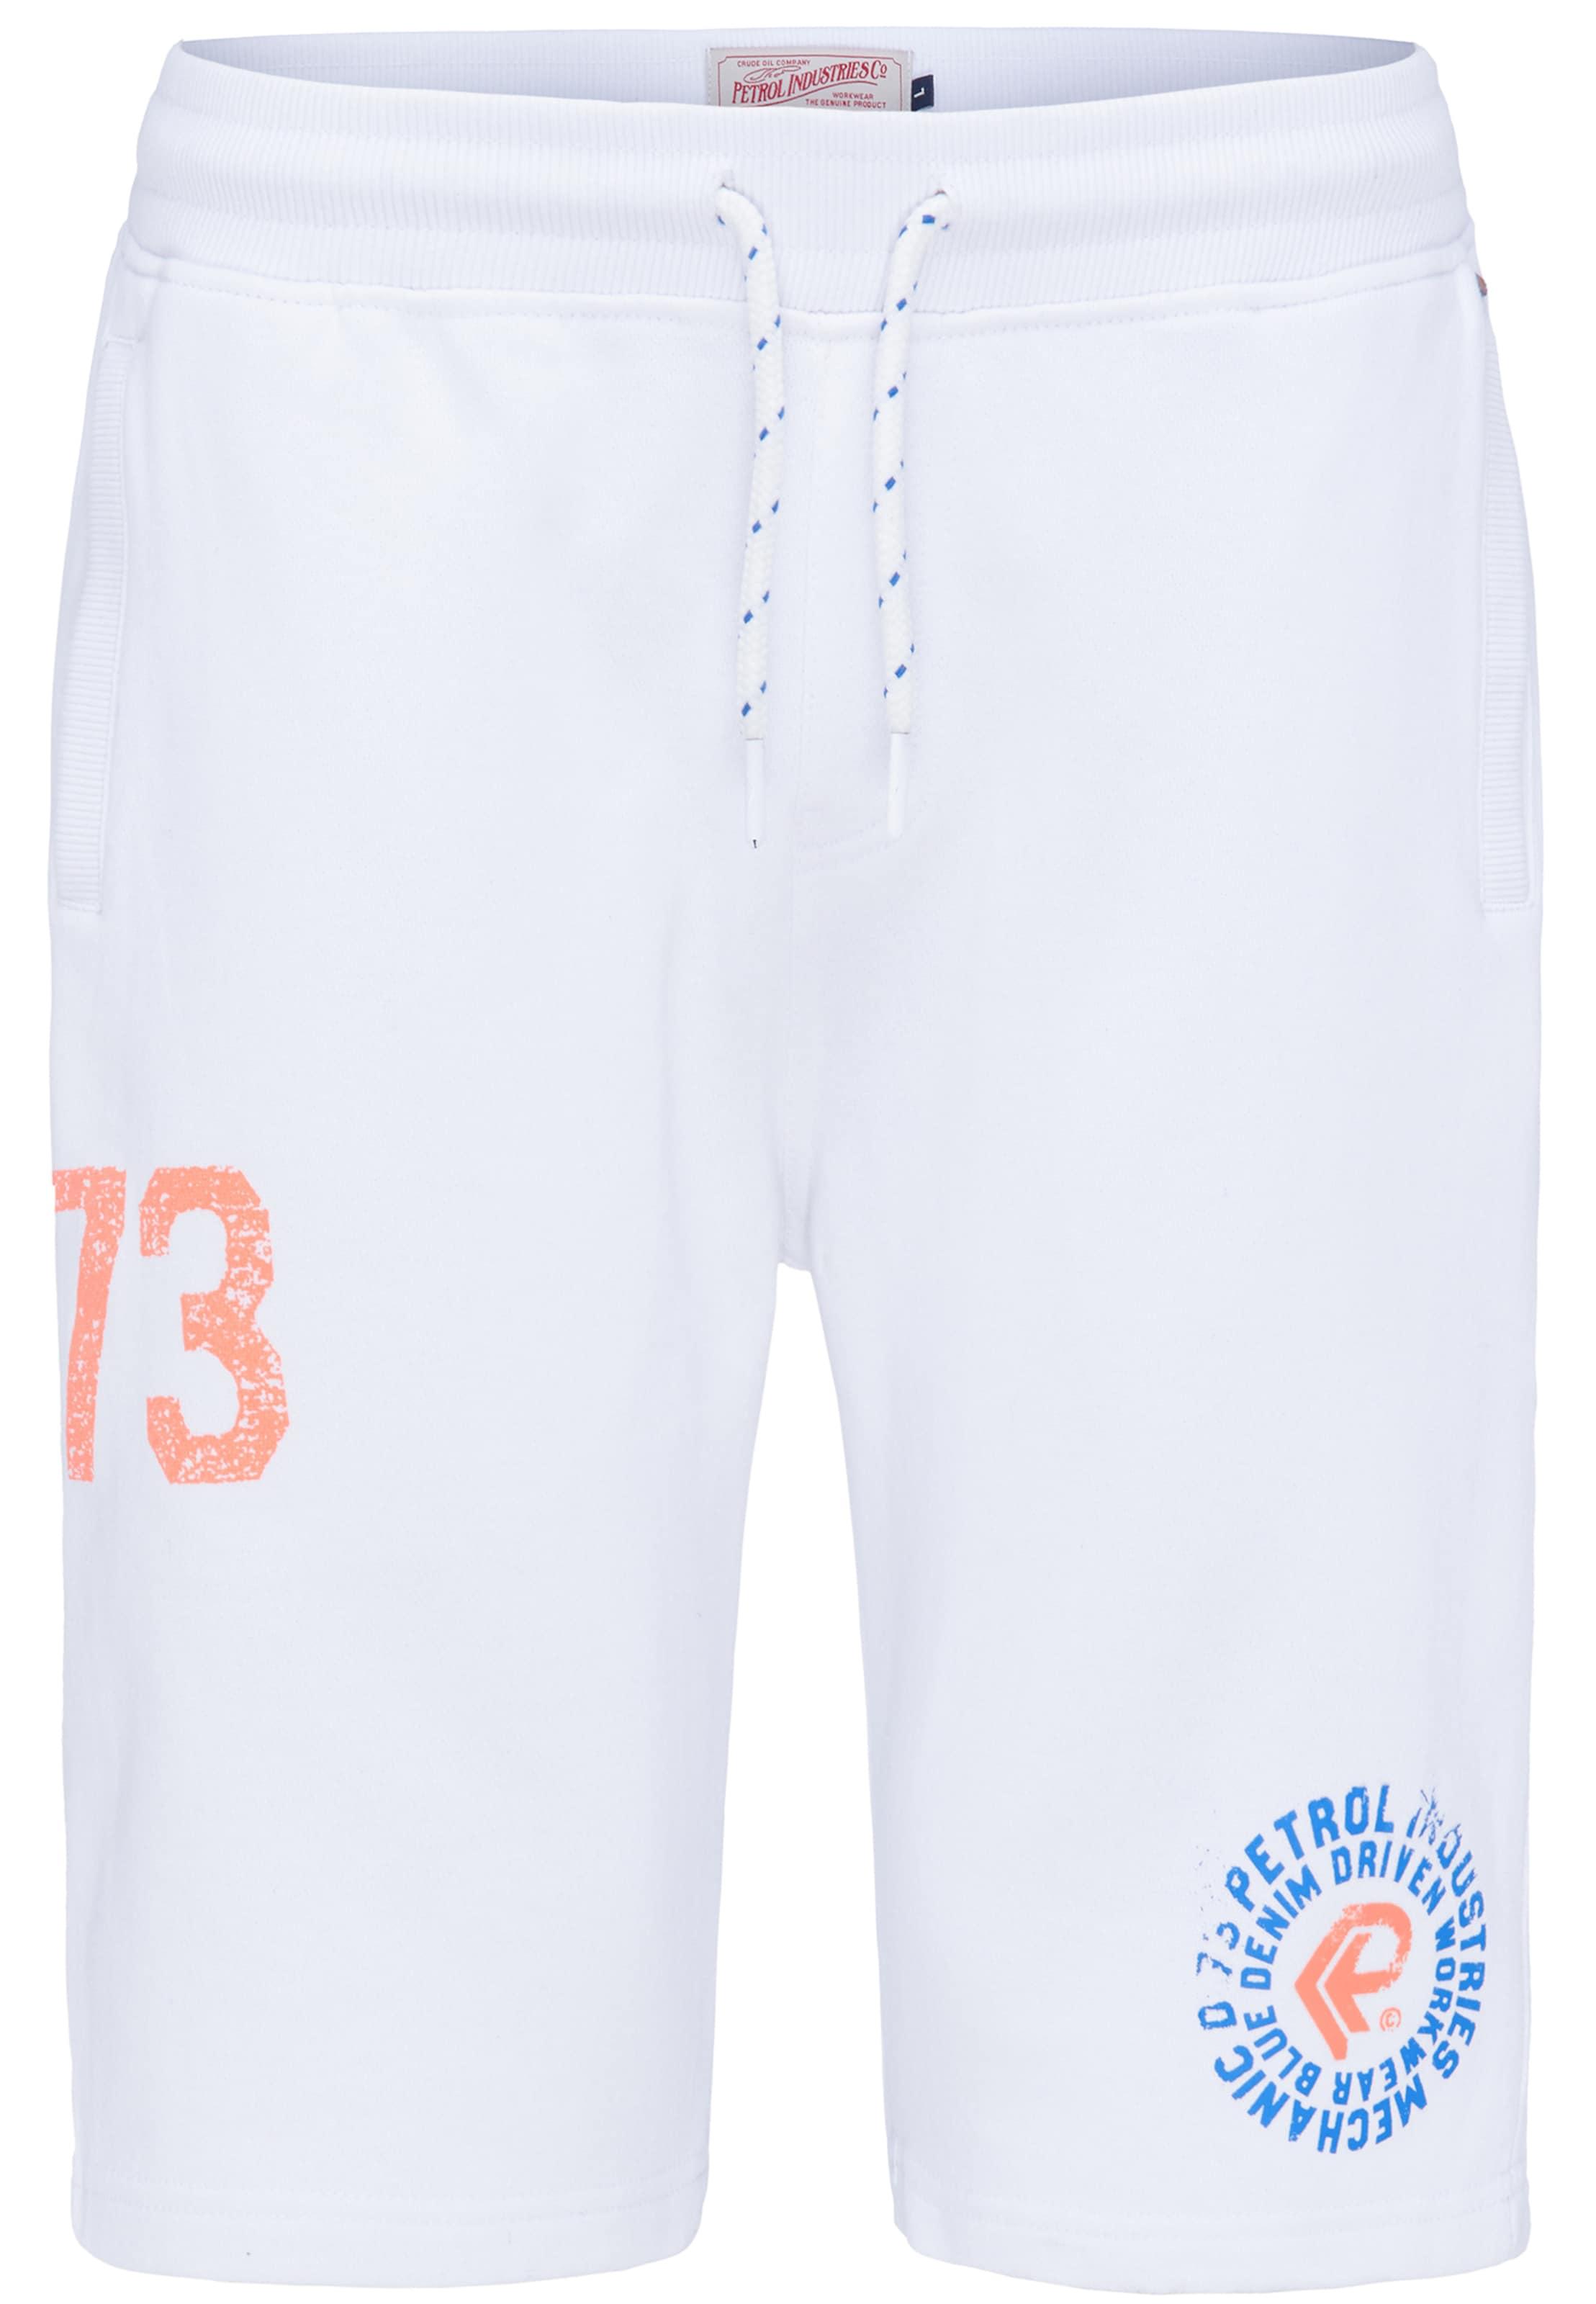 Petrol En Industries BleuSaumon Blanc Pantalon Rq3Lj54A